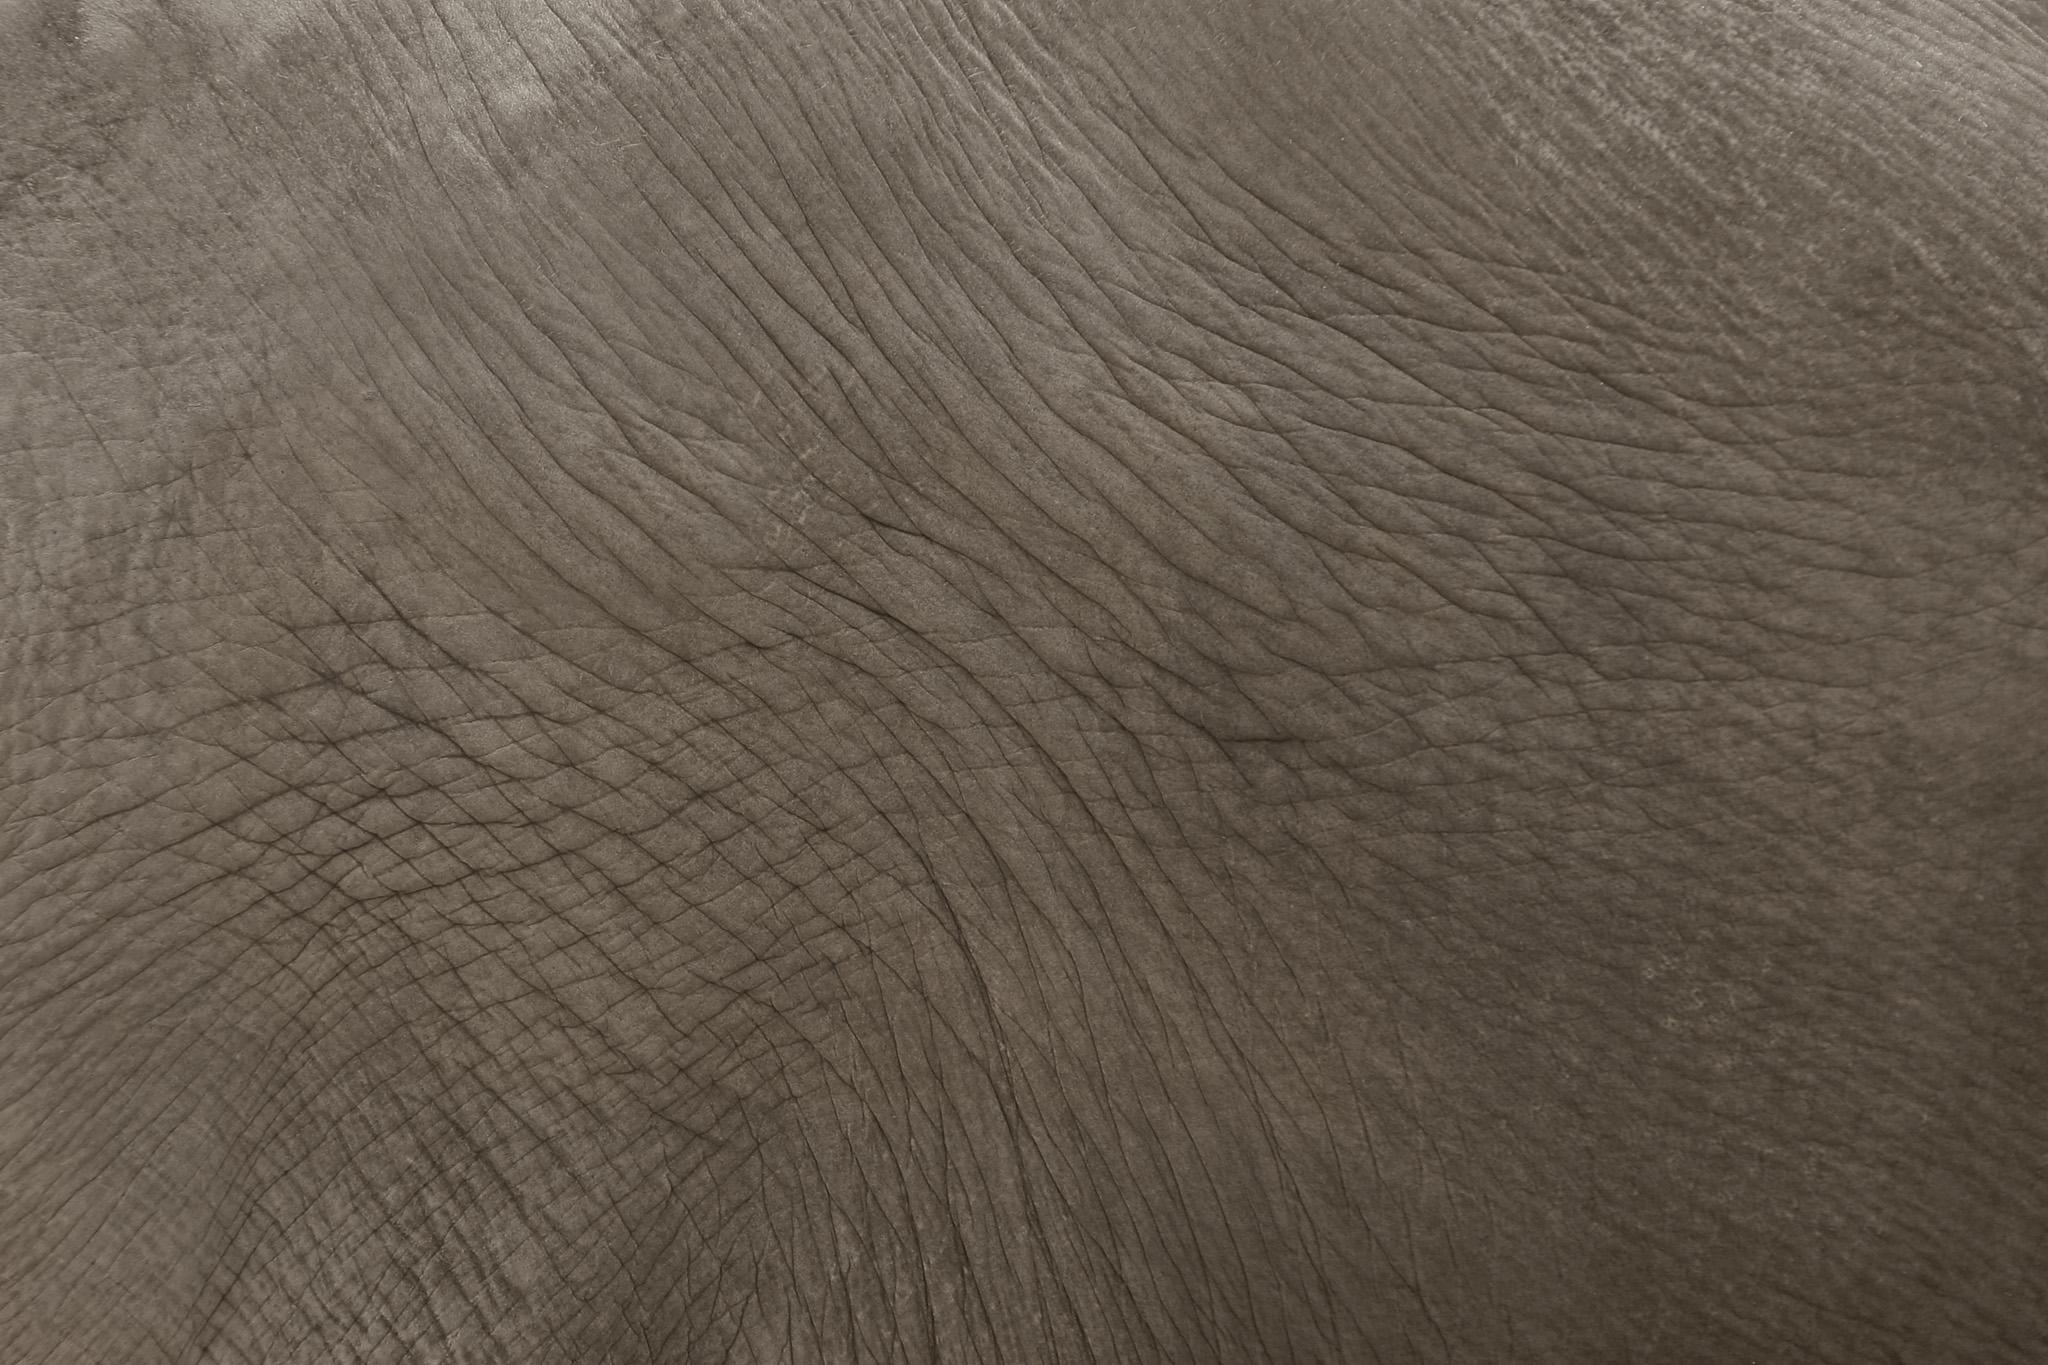 シワの入った象の表皮